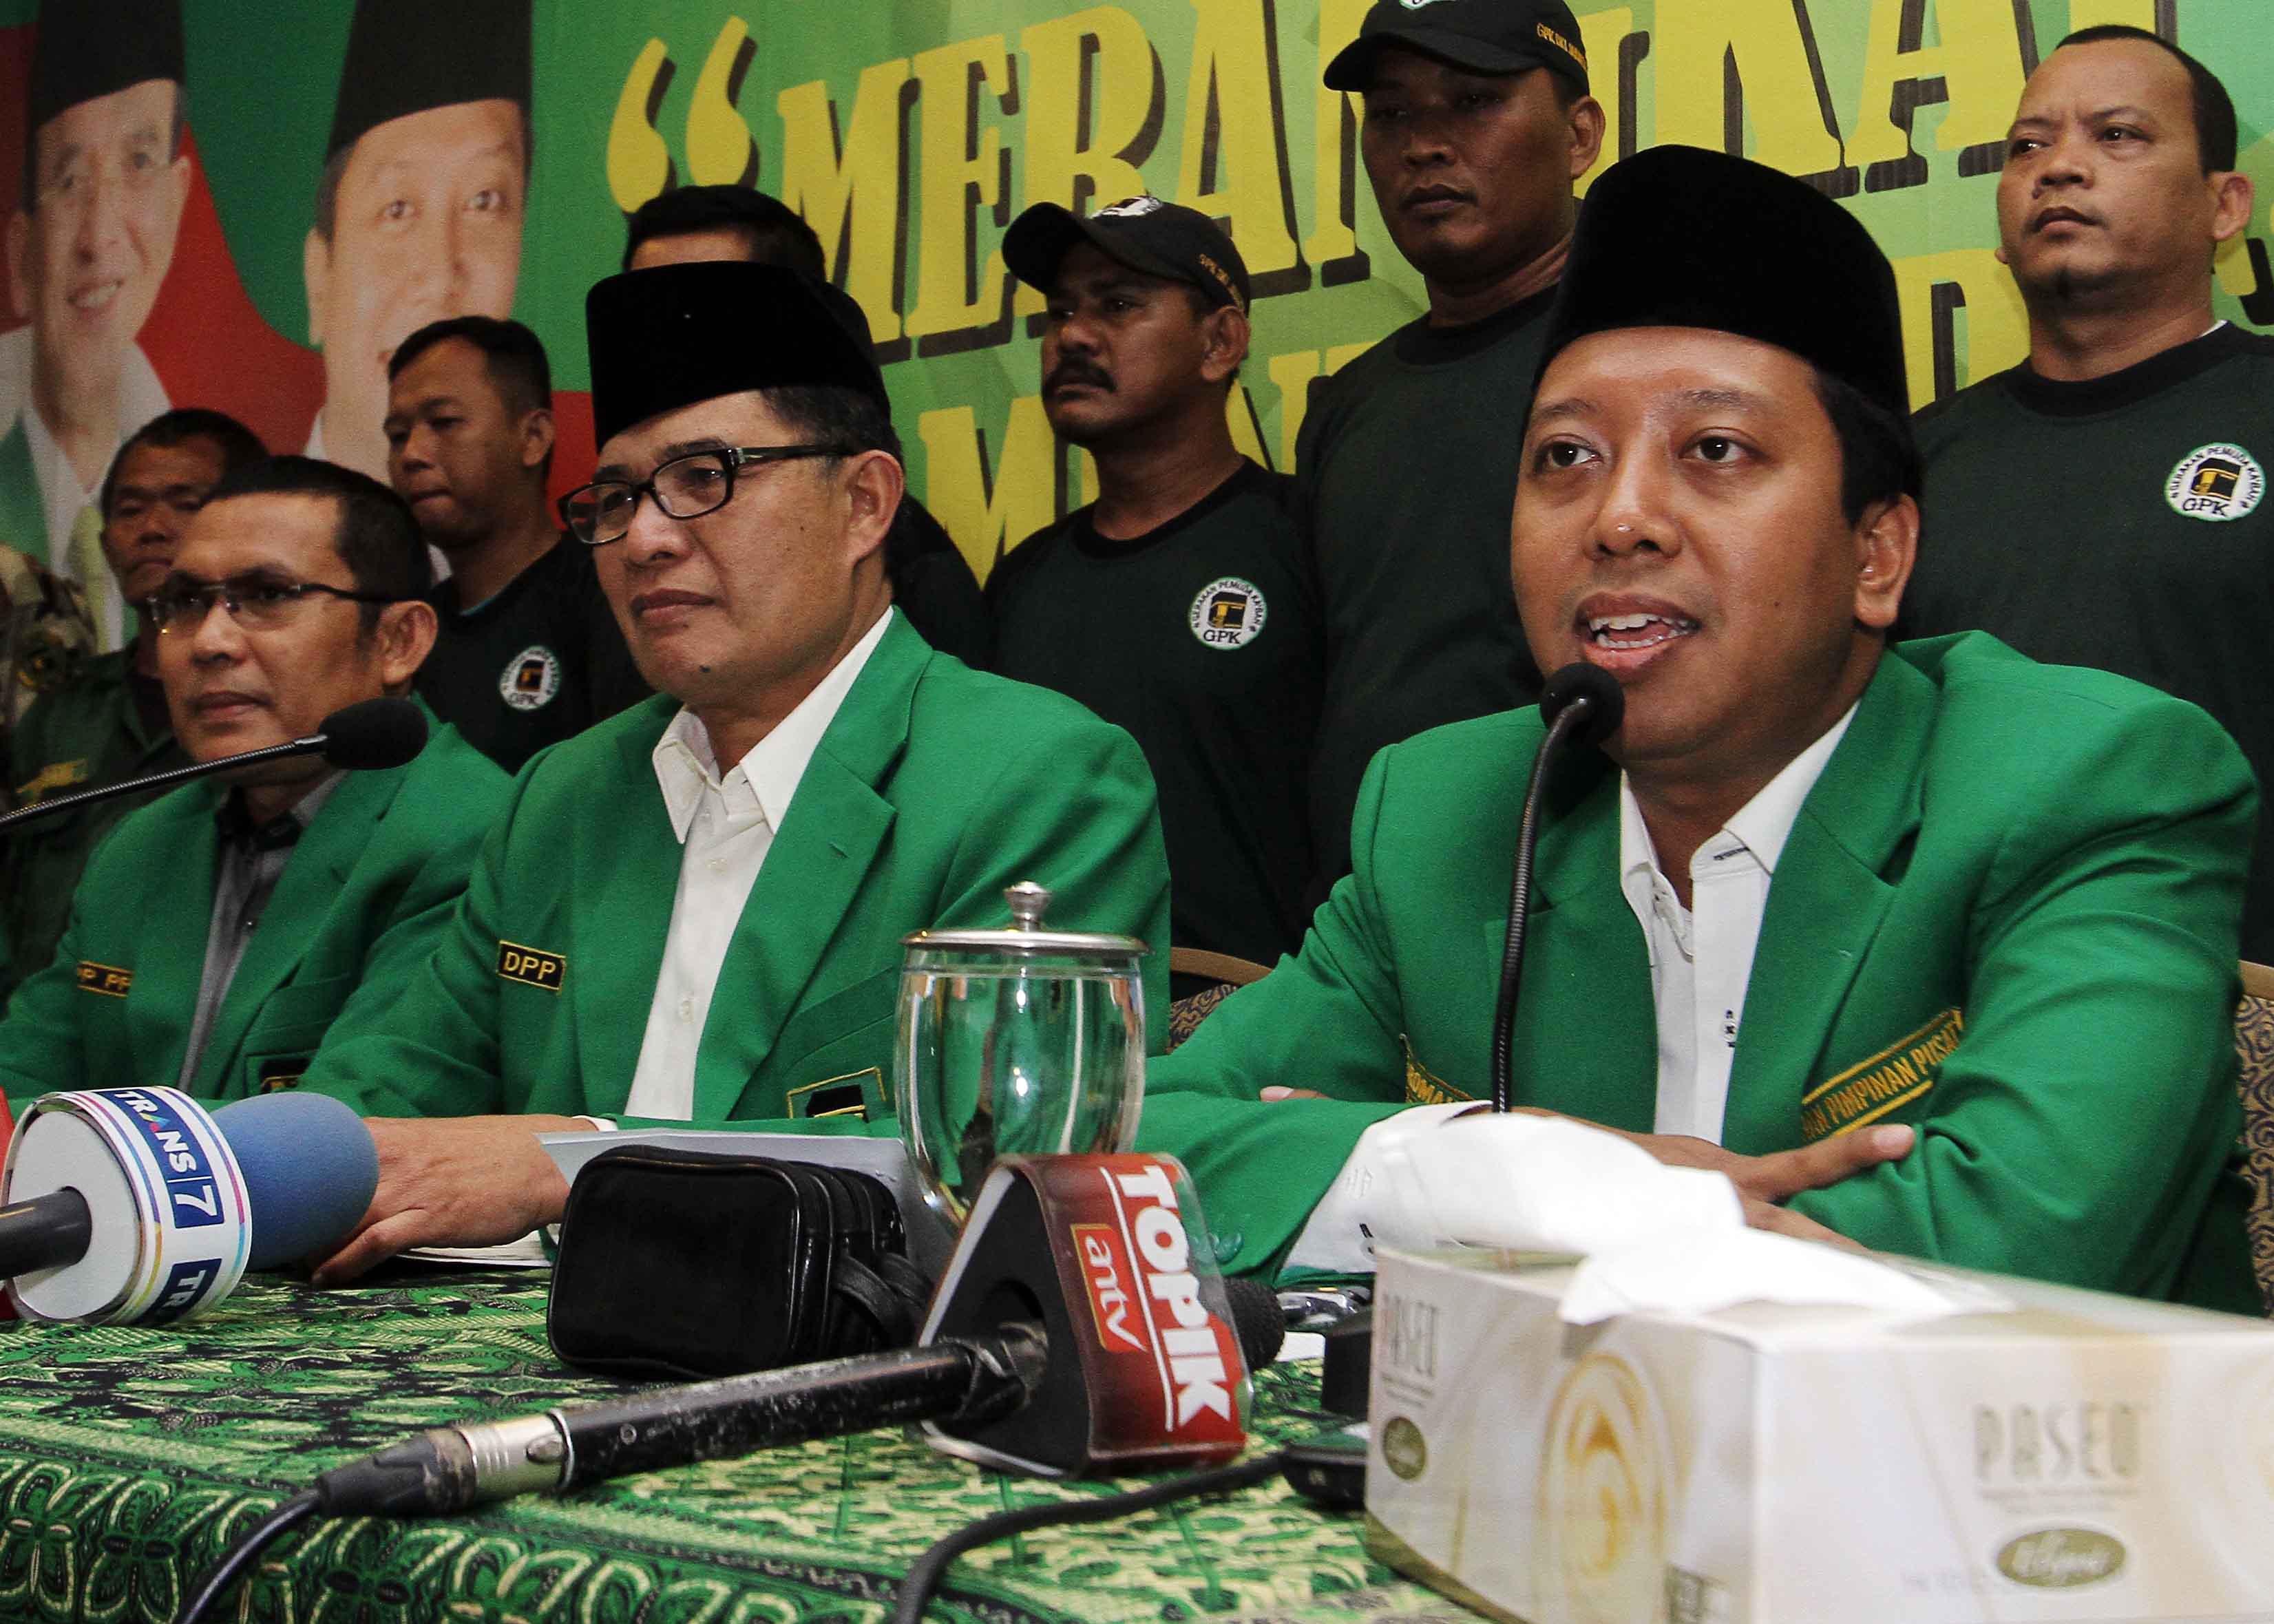 PPP: Kami Bukan Partai Eksklusif